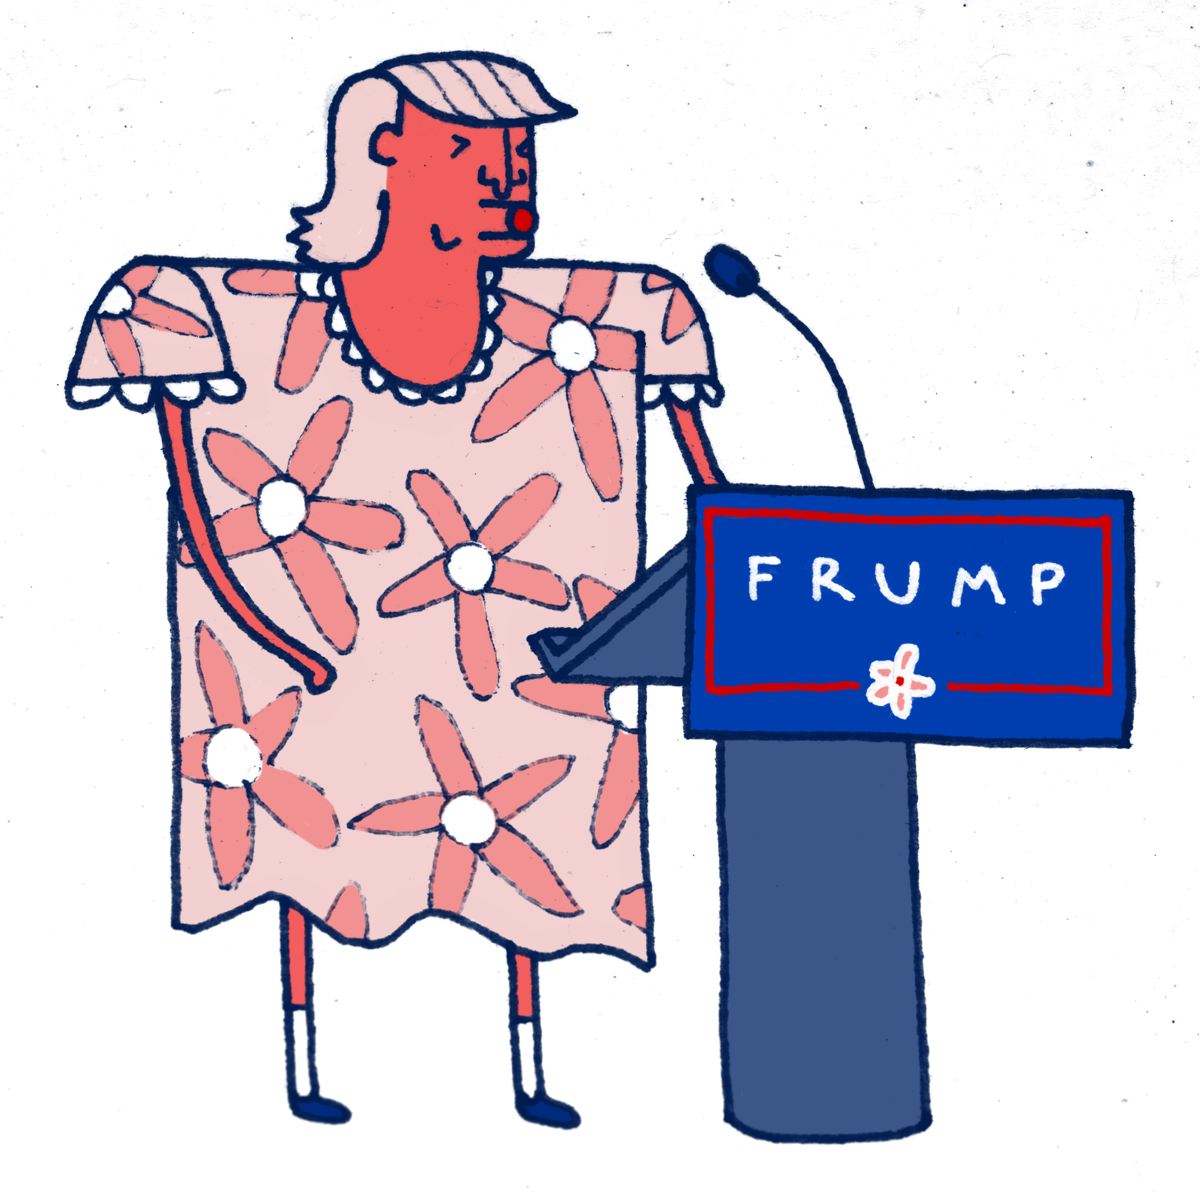 Frump